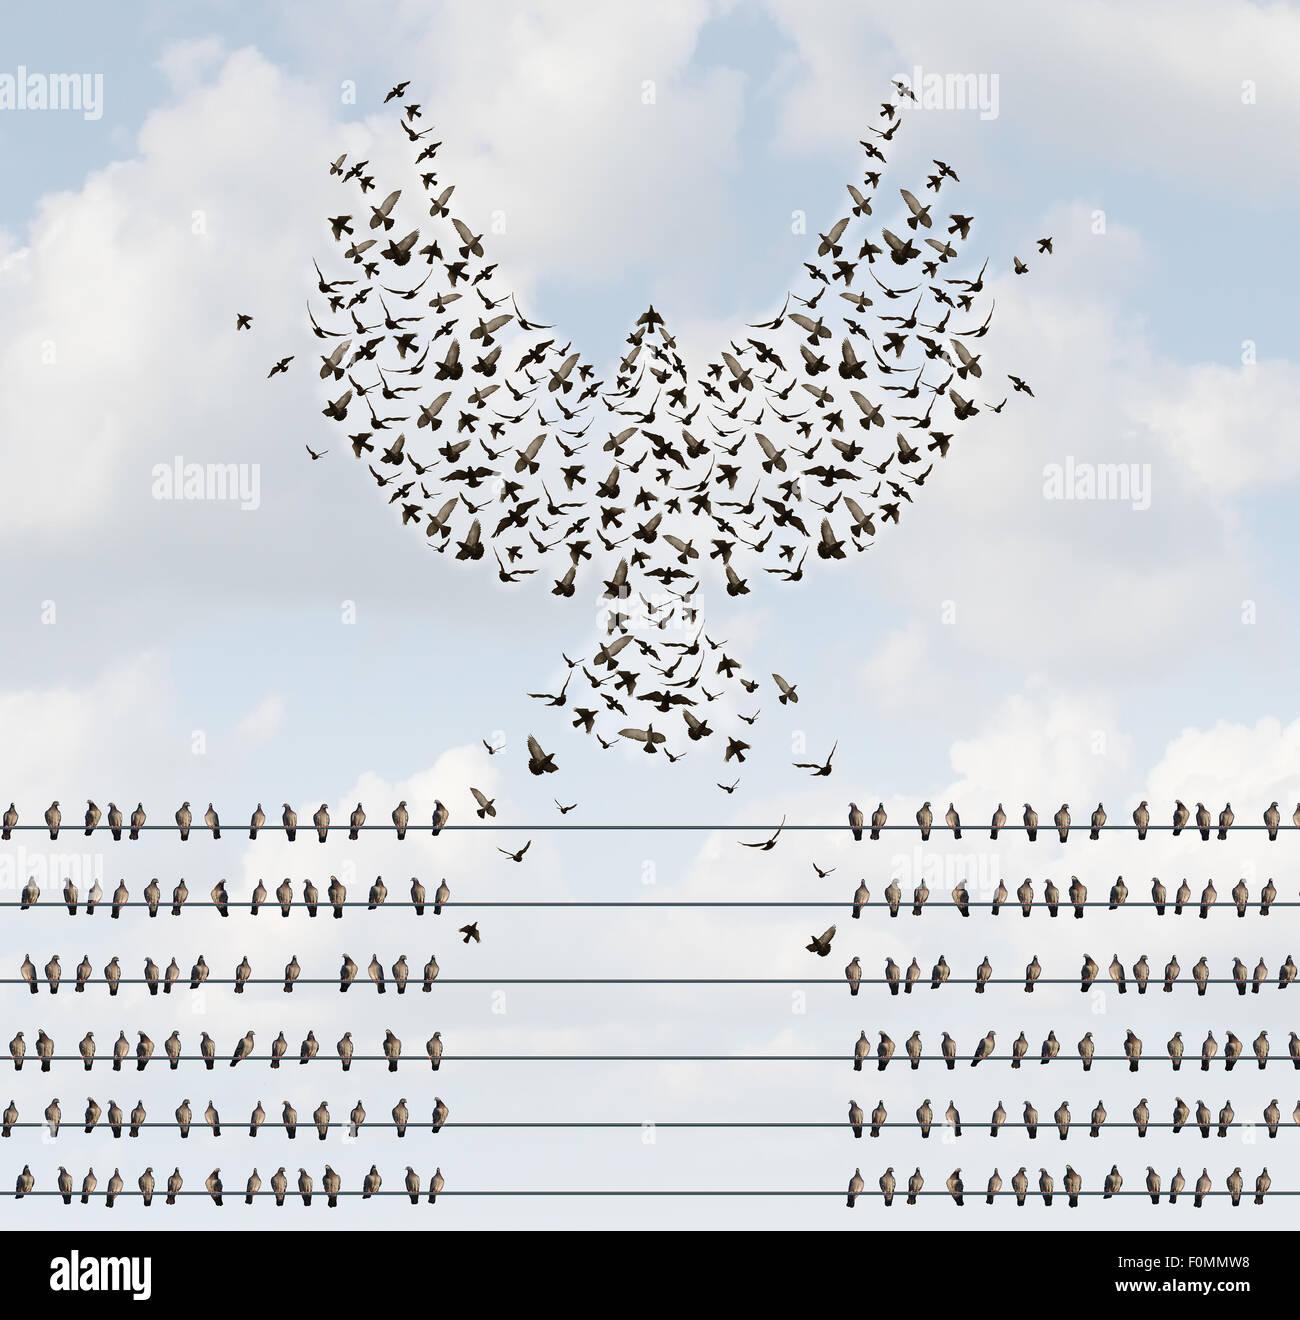 Organizzazione di successo il concetto di business come un gruppo di uccelli su un filo con un team volare lontano Immagini Stock